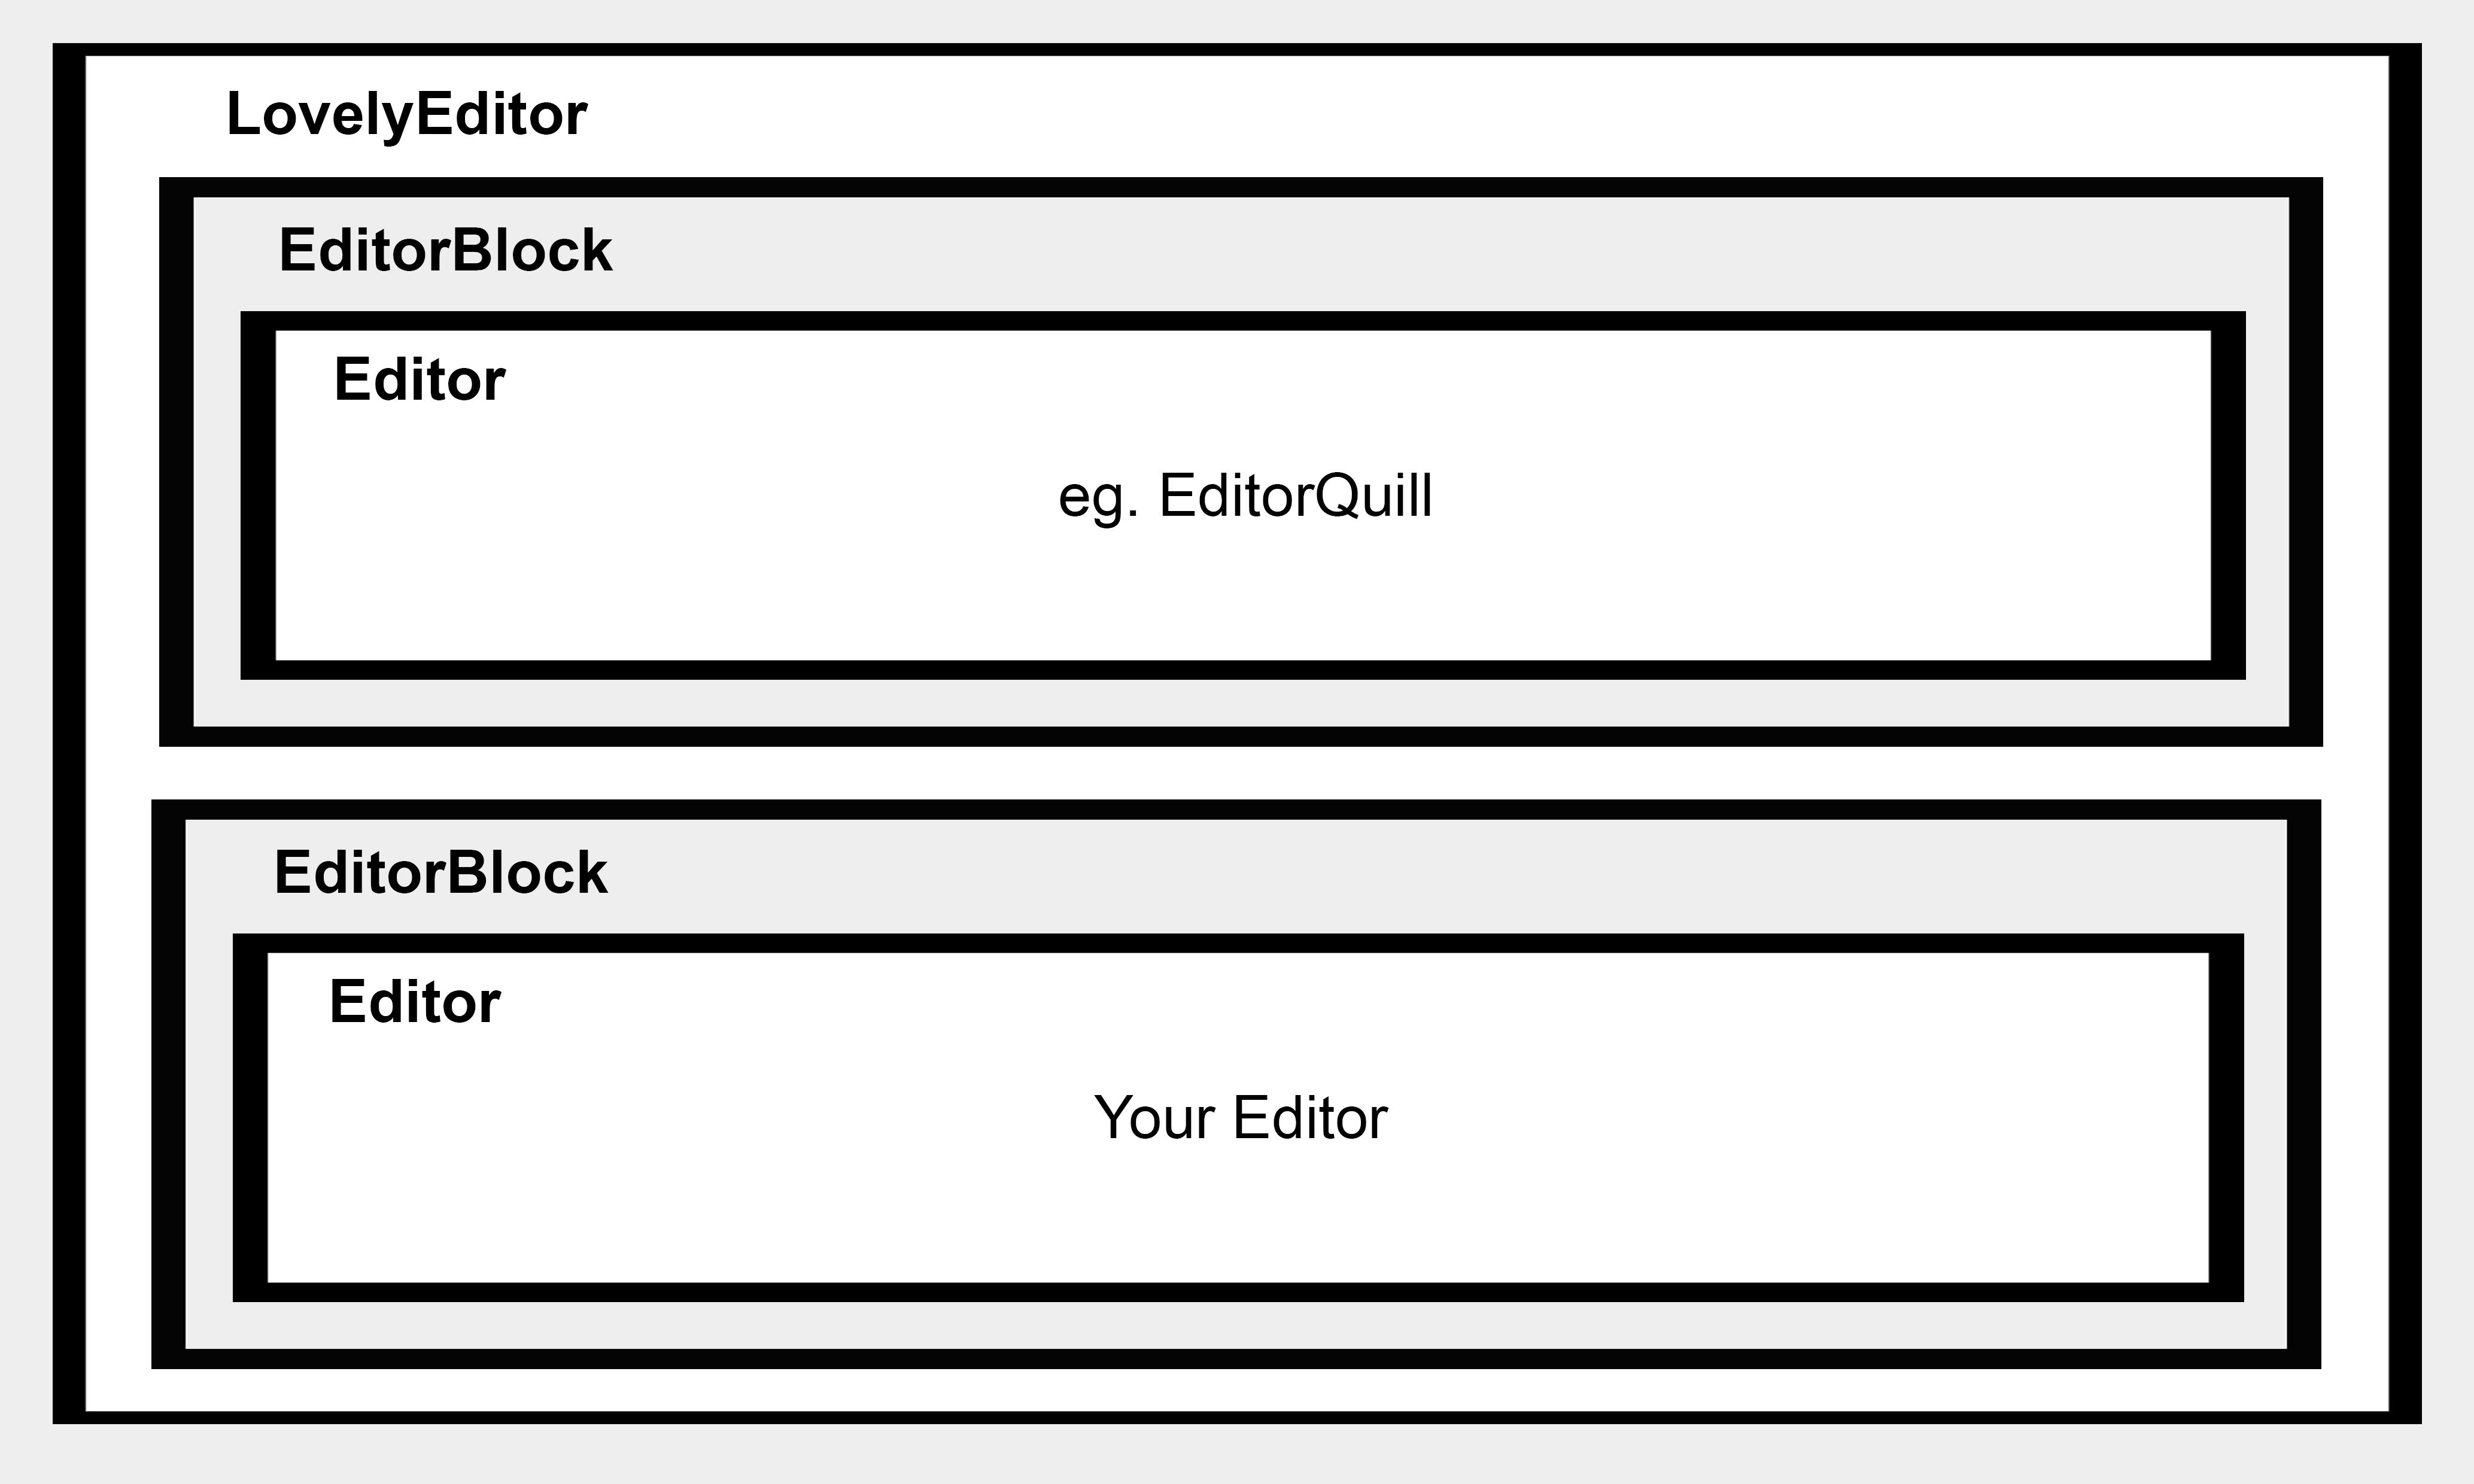 Lovely Editor